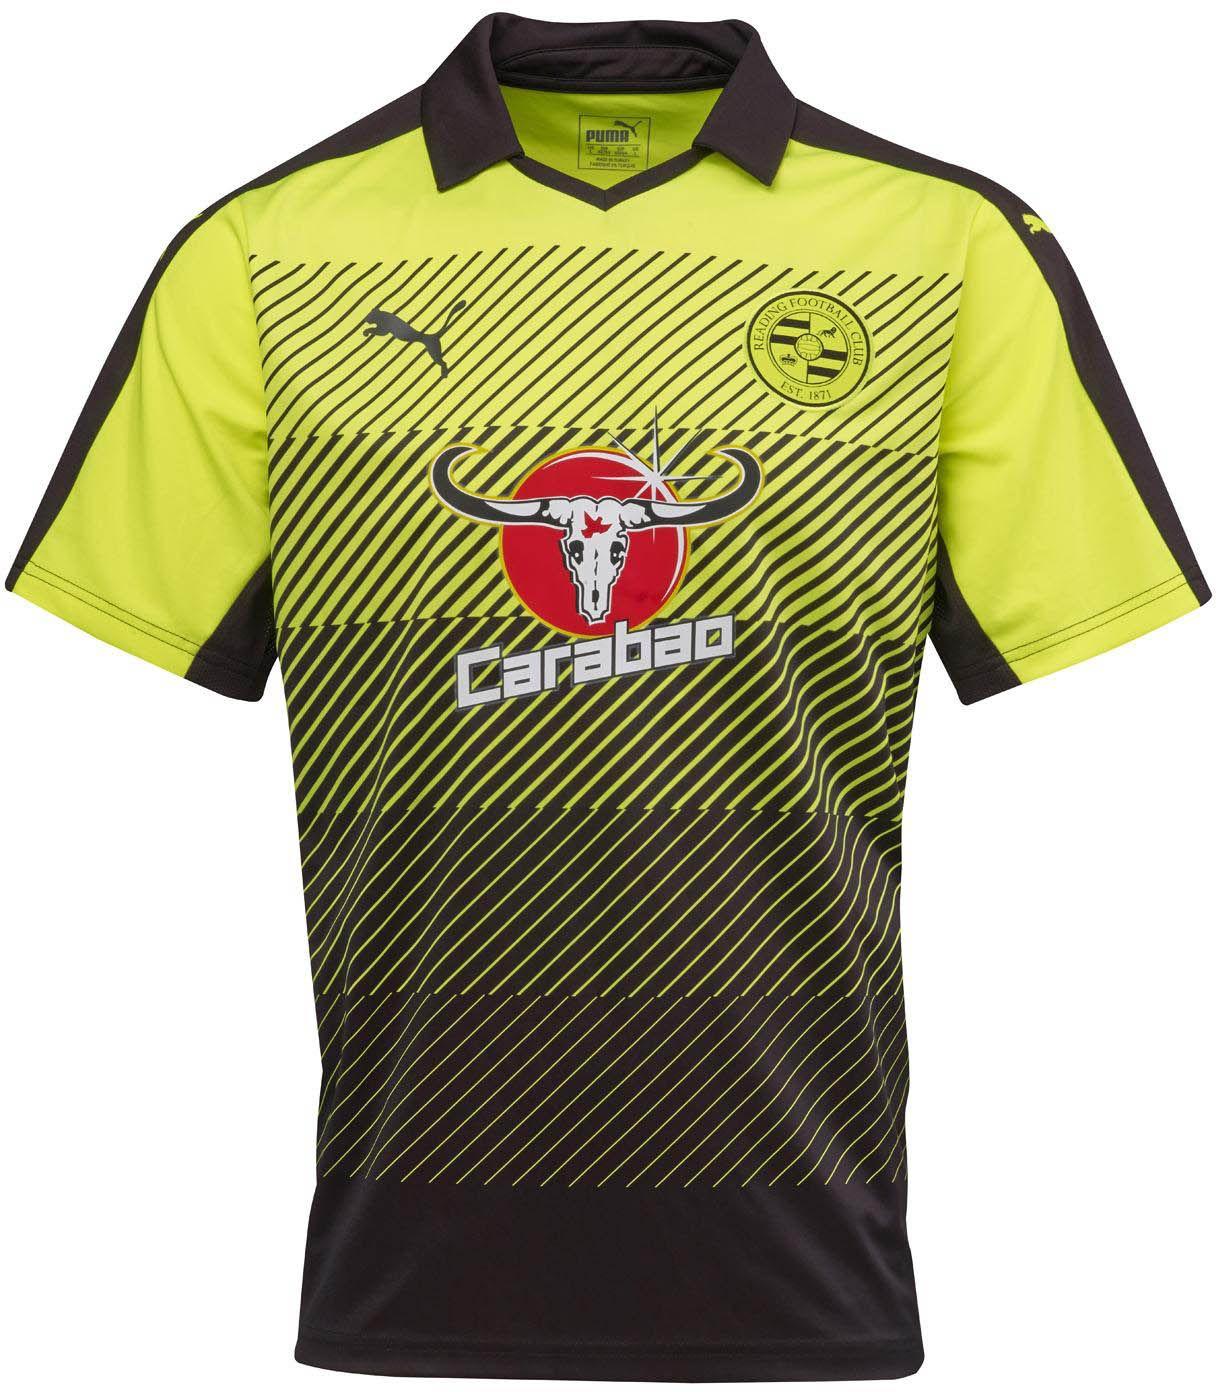 Puma divulga as novas camisas do Reading